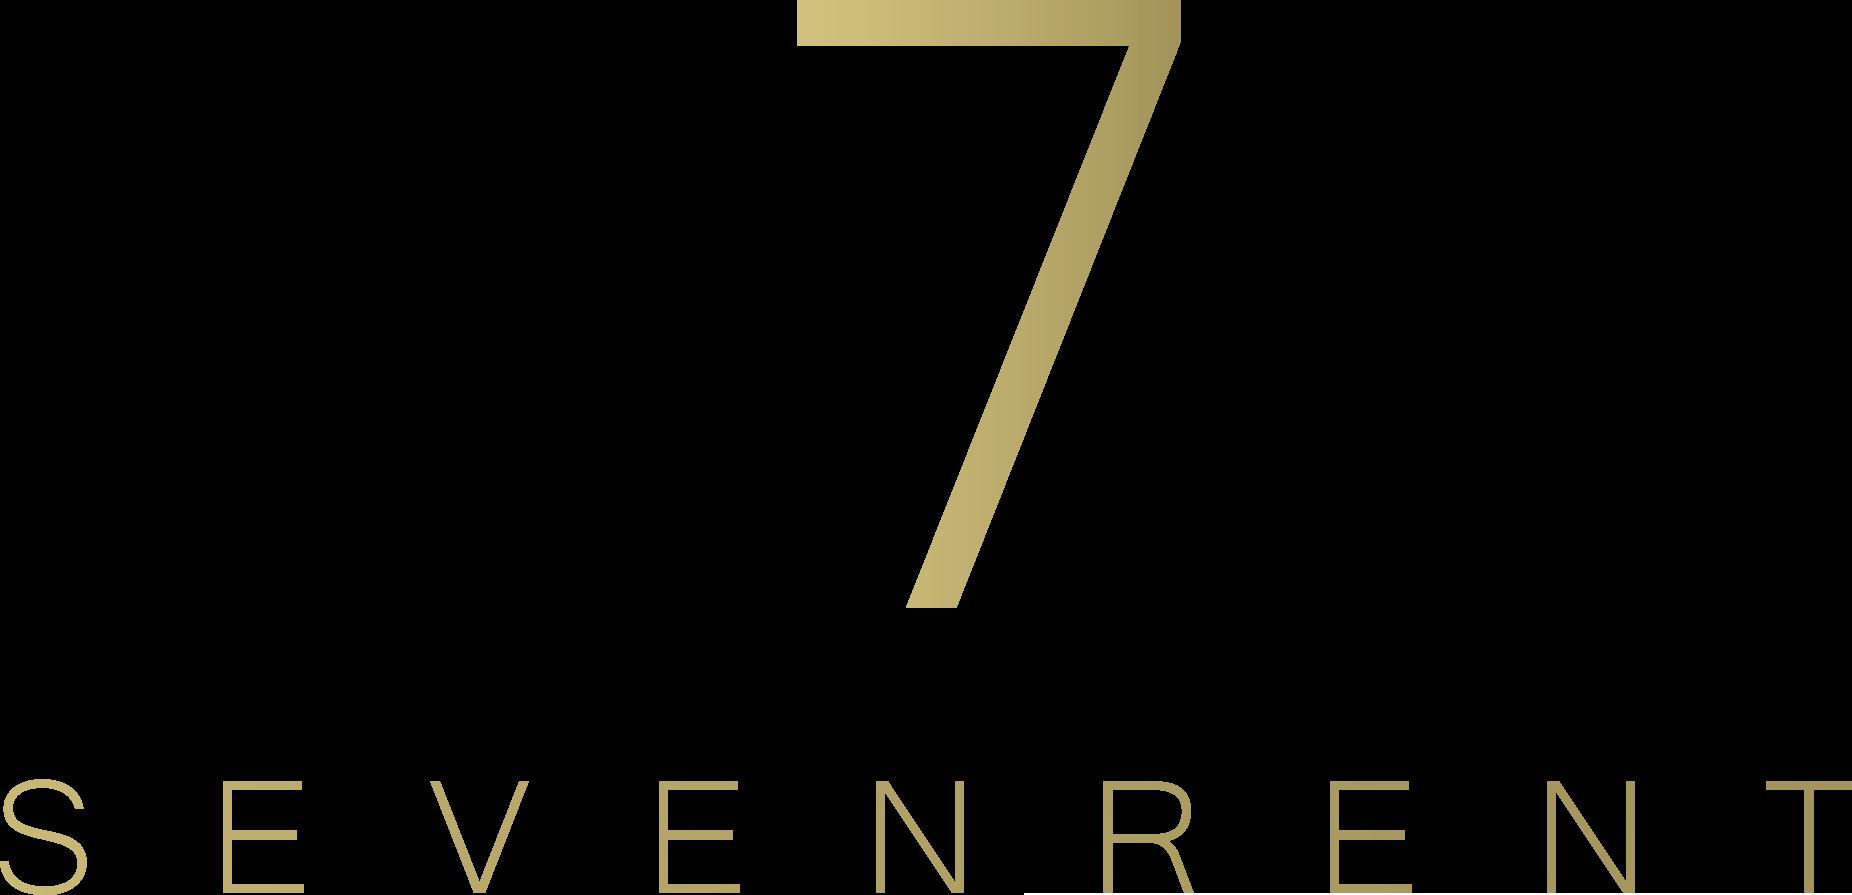 7rent_logo_big